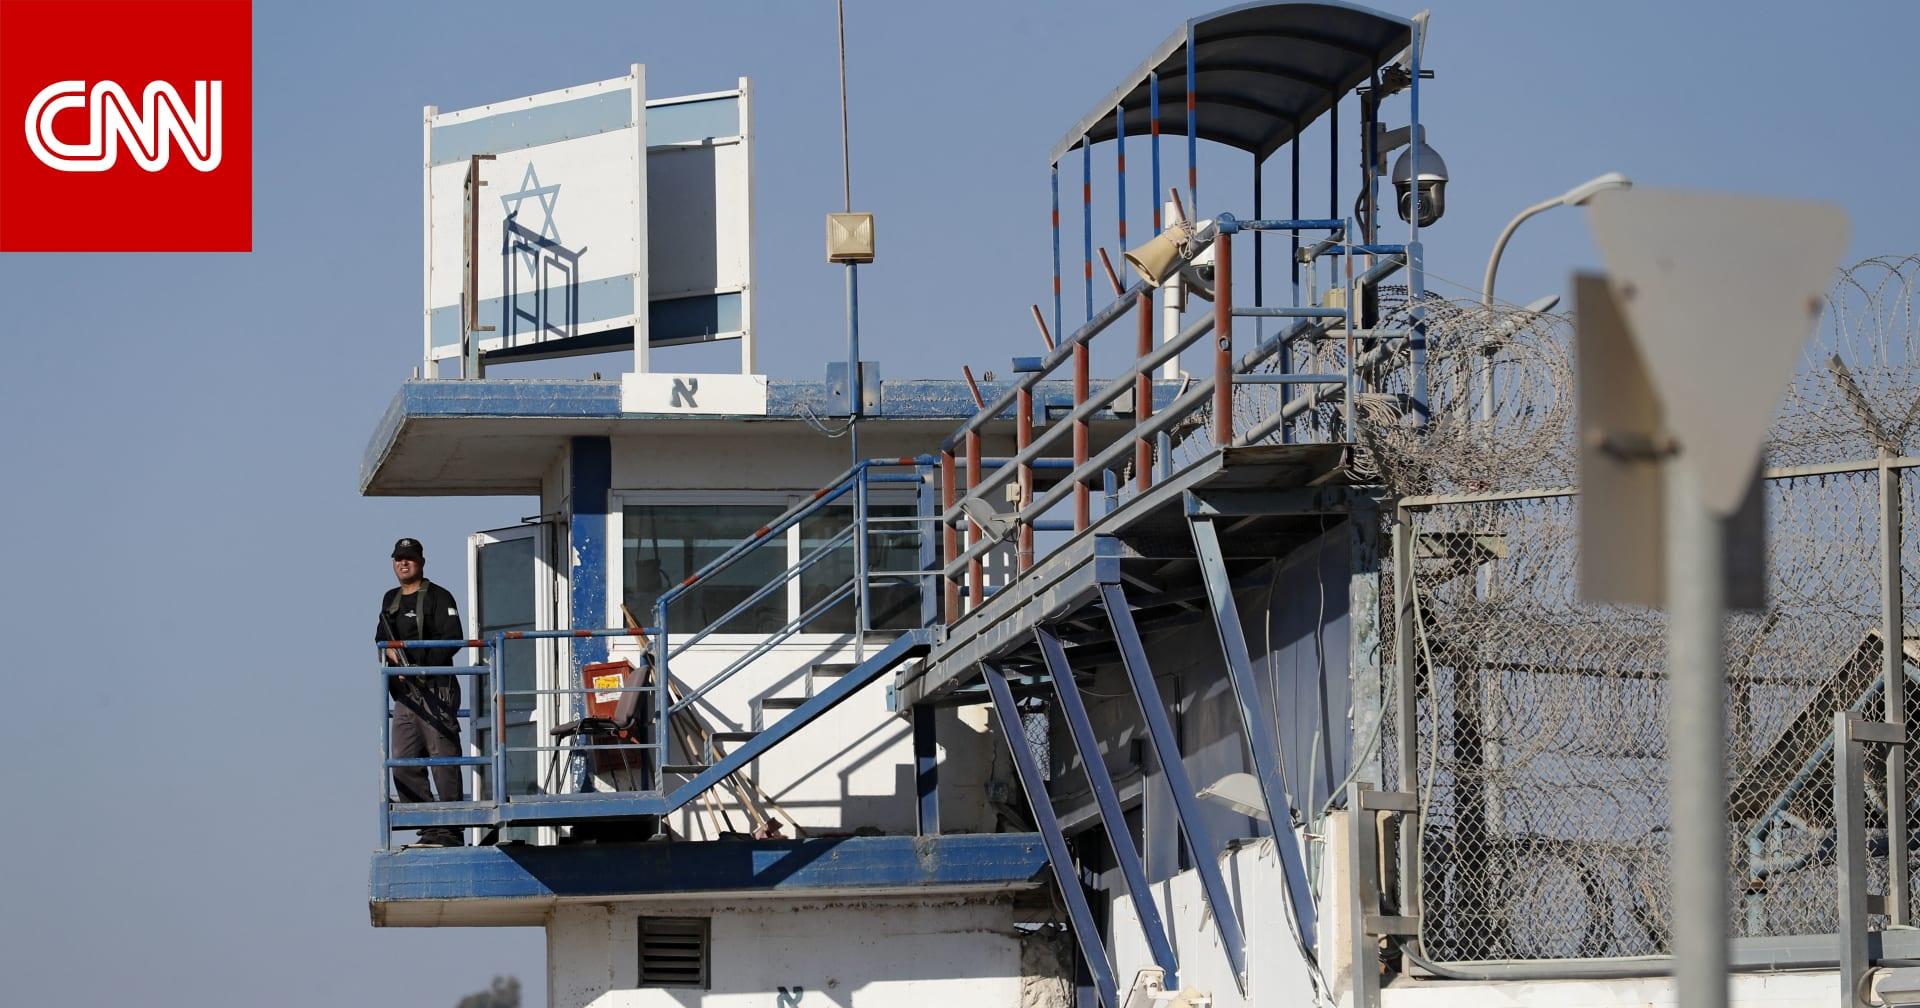 إسرائيل تعيد آخر فلسطينيين هربا من جلبوع.. ورئيس الوزراء: انتهى الأمر